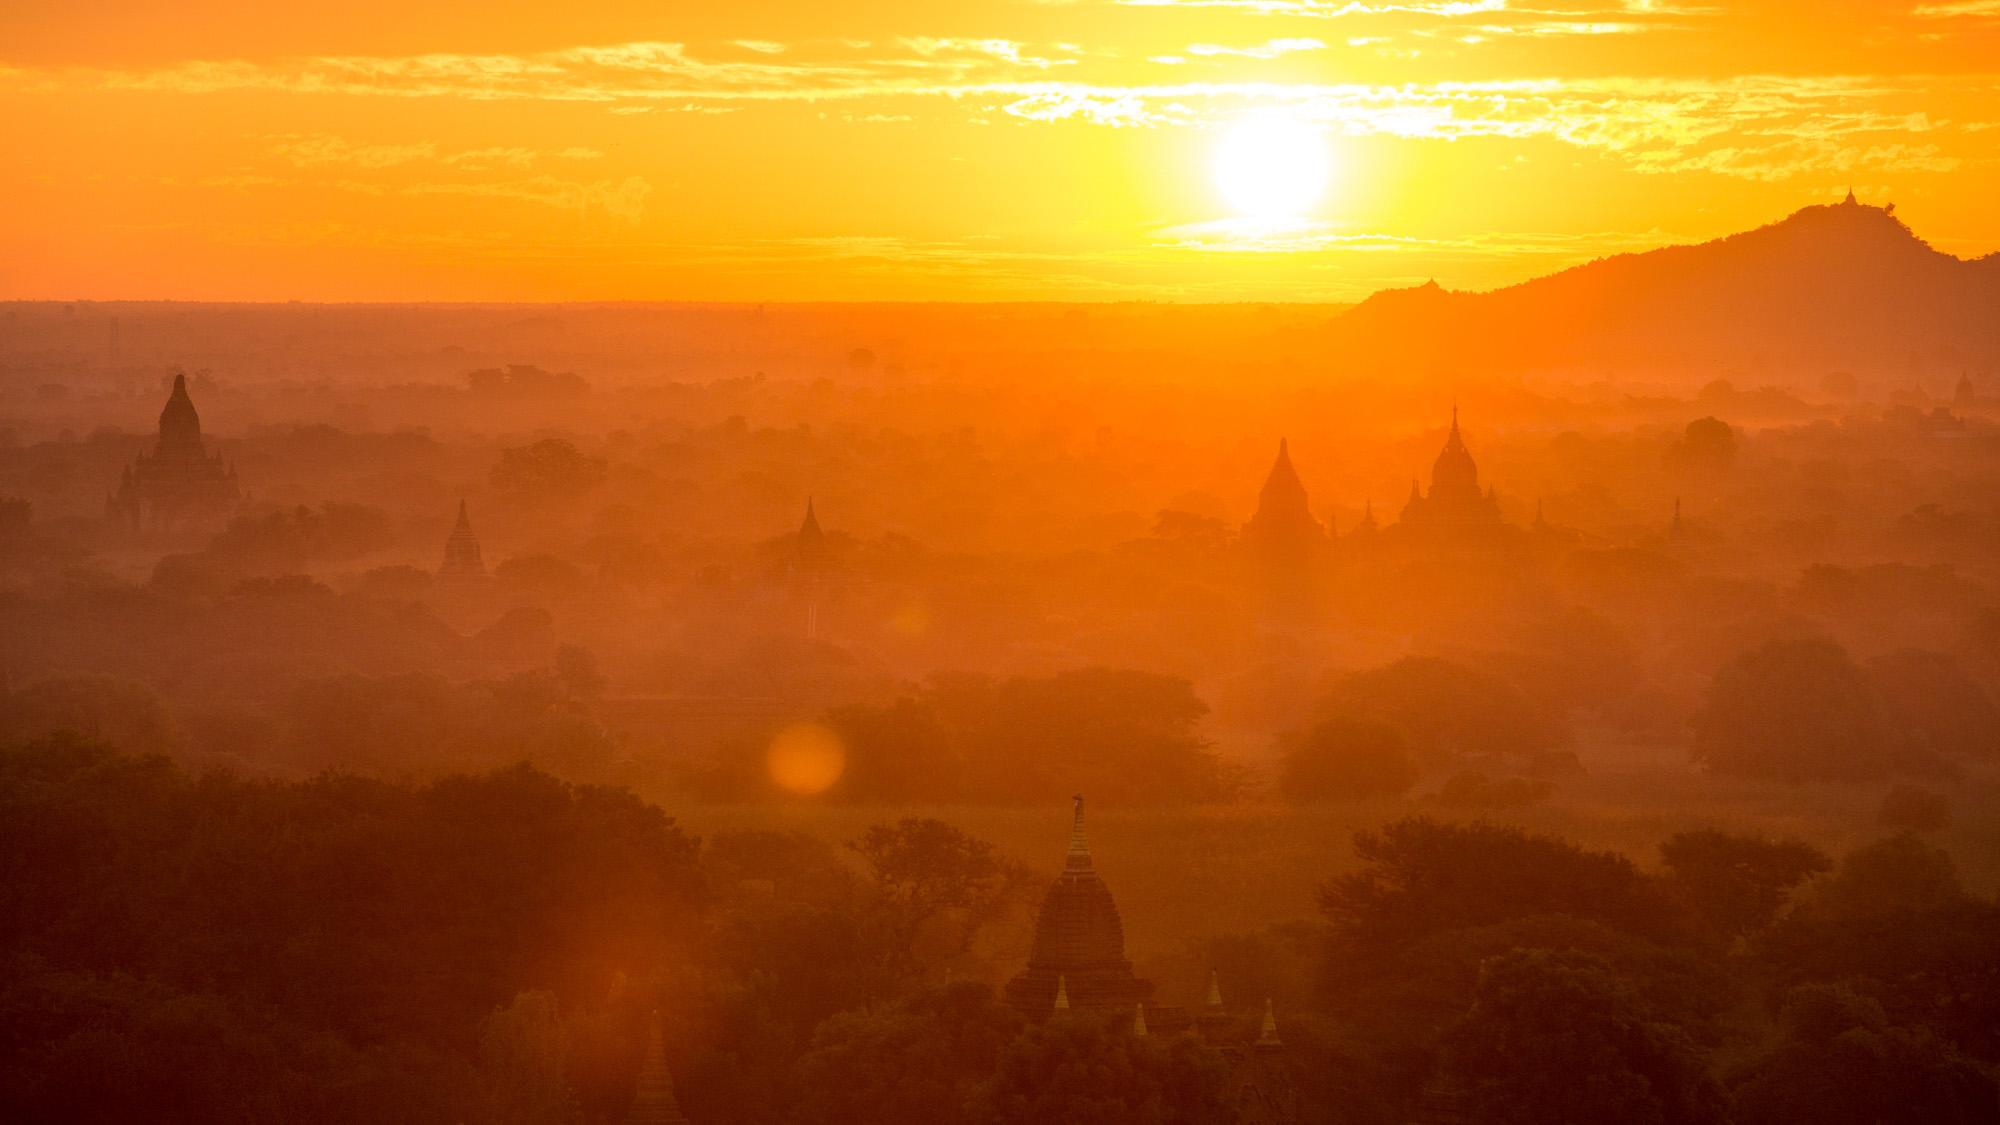 The sunrise from Shwesandaw Pagoda was mesmerising.